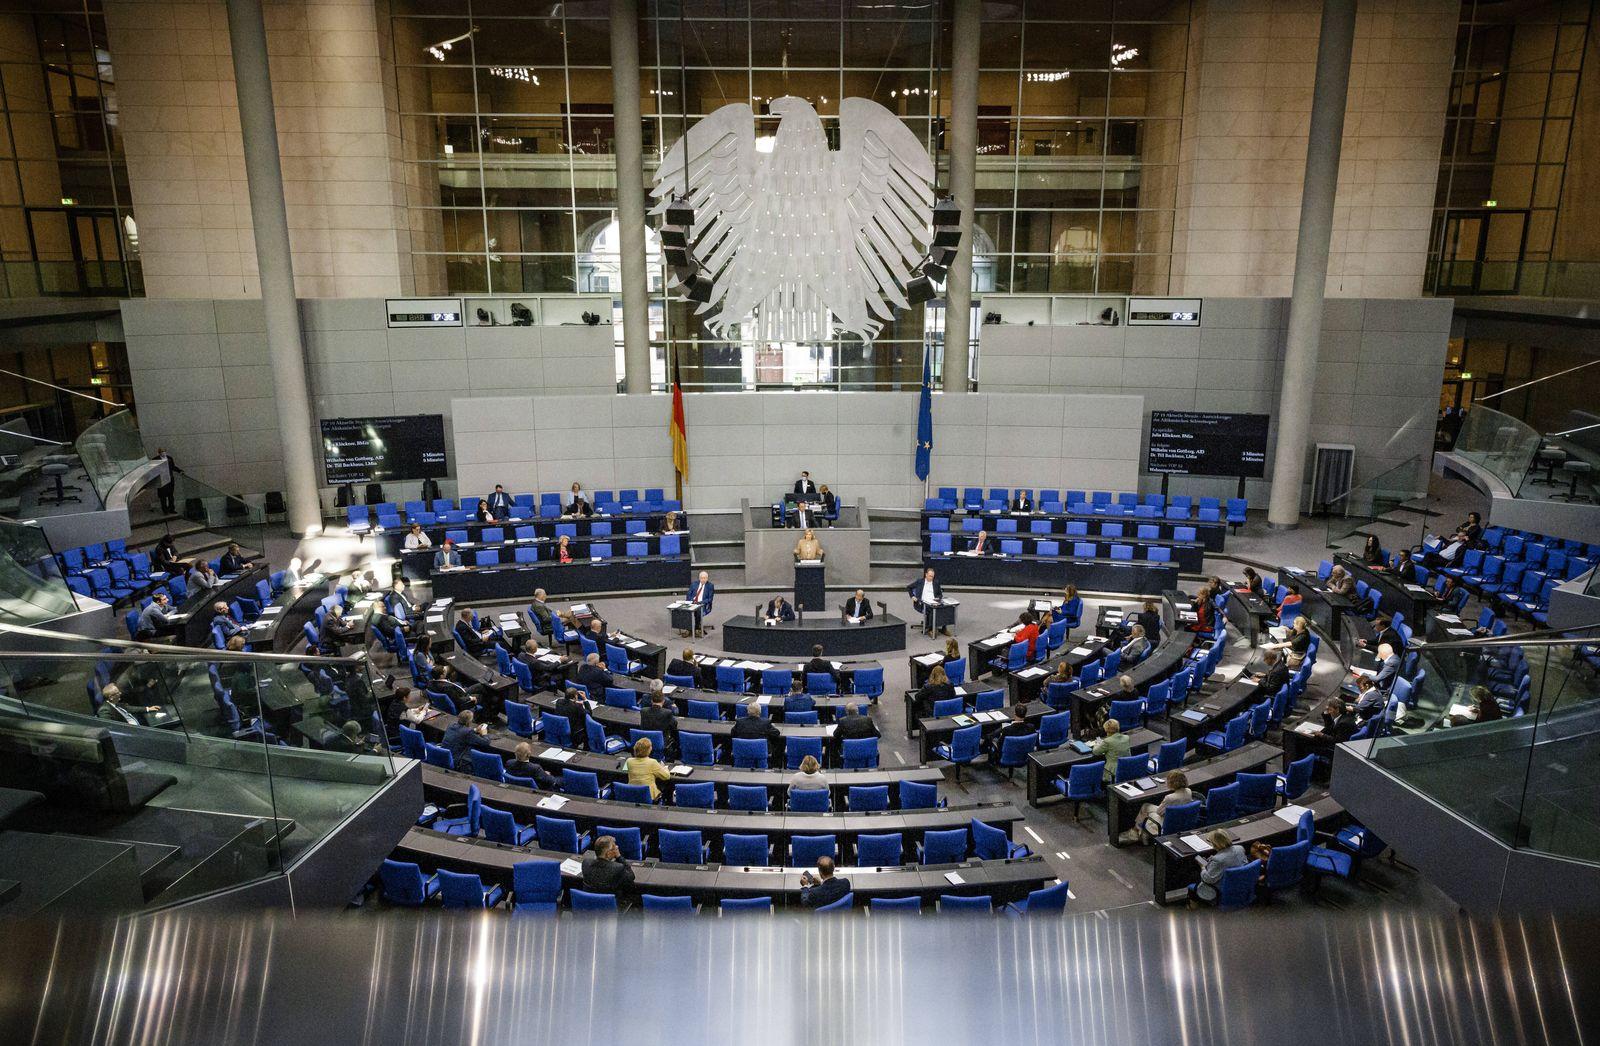 Julia Kloeckner, Bundesministerin fuer Ernaehrung und Landwirtschaft, spricht im Rahmen der aktuelle Stunde zum Thema A